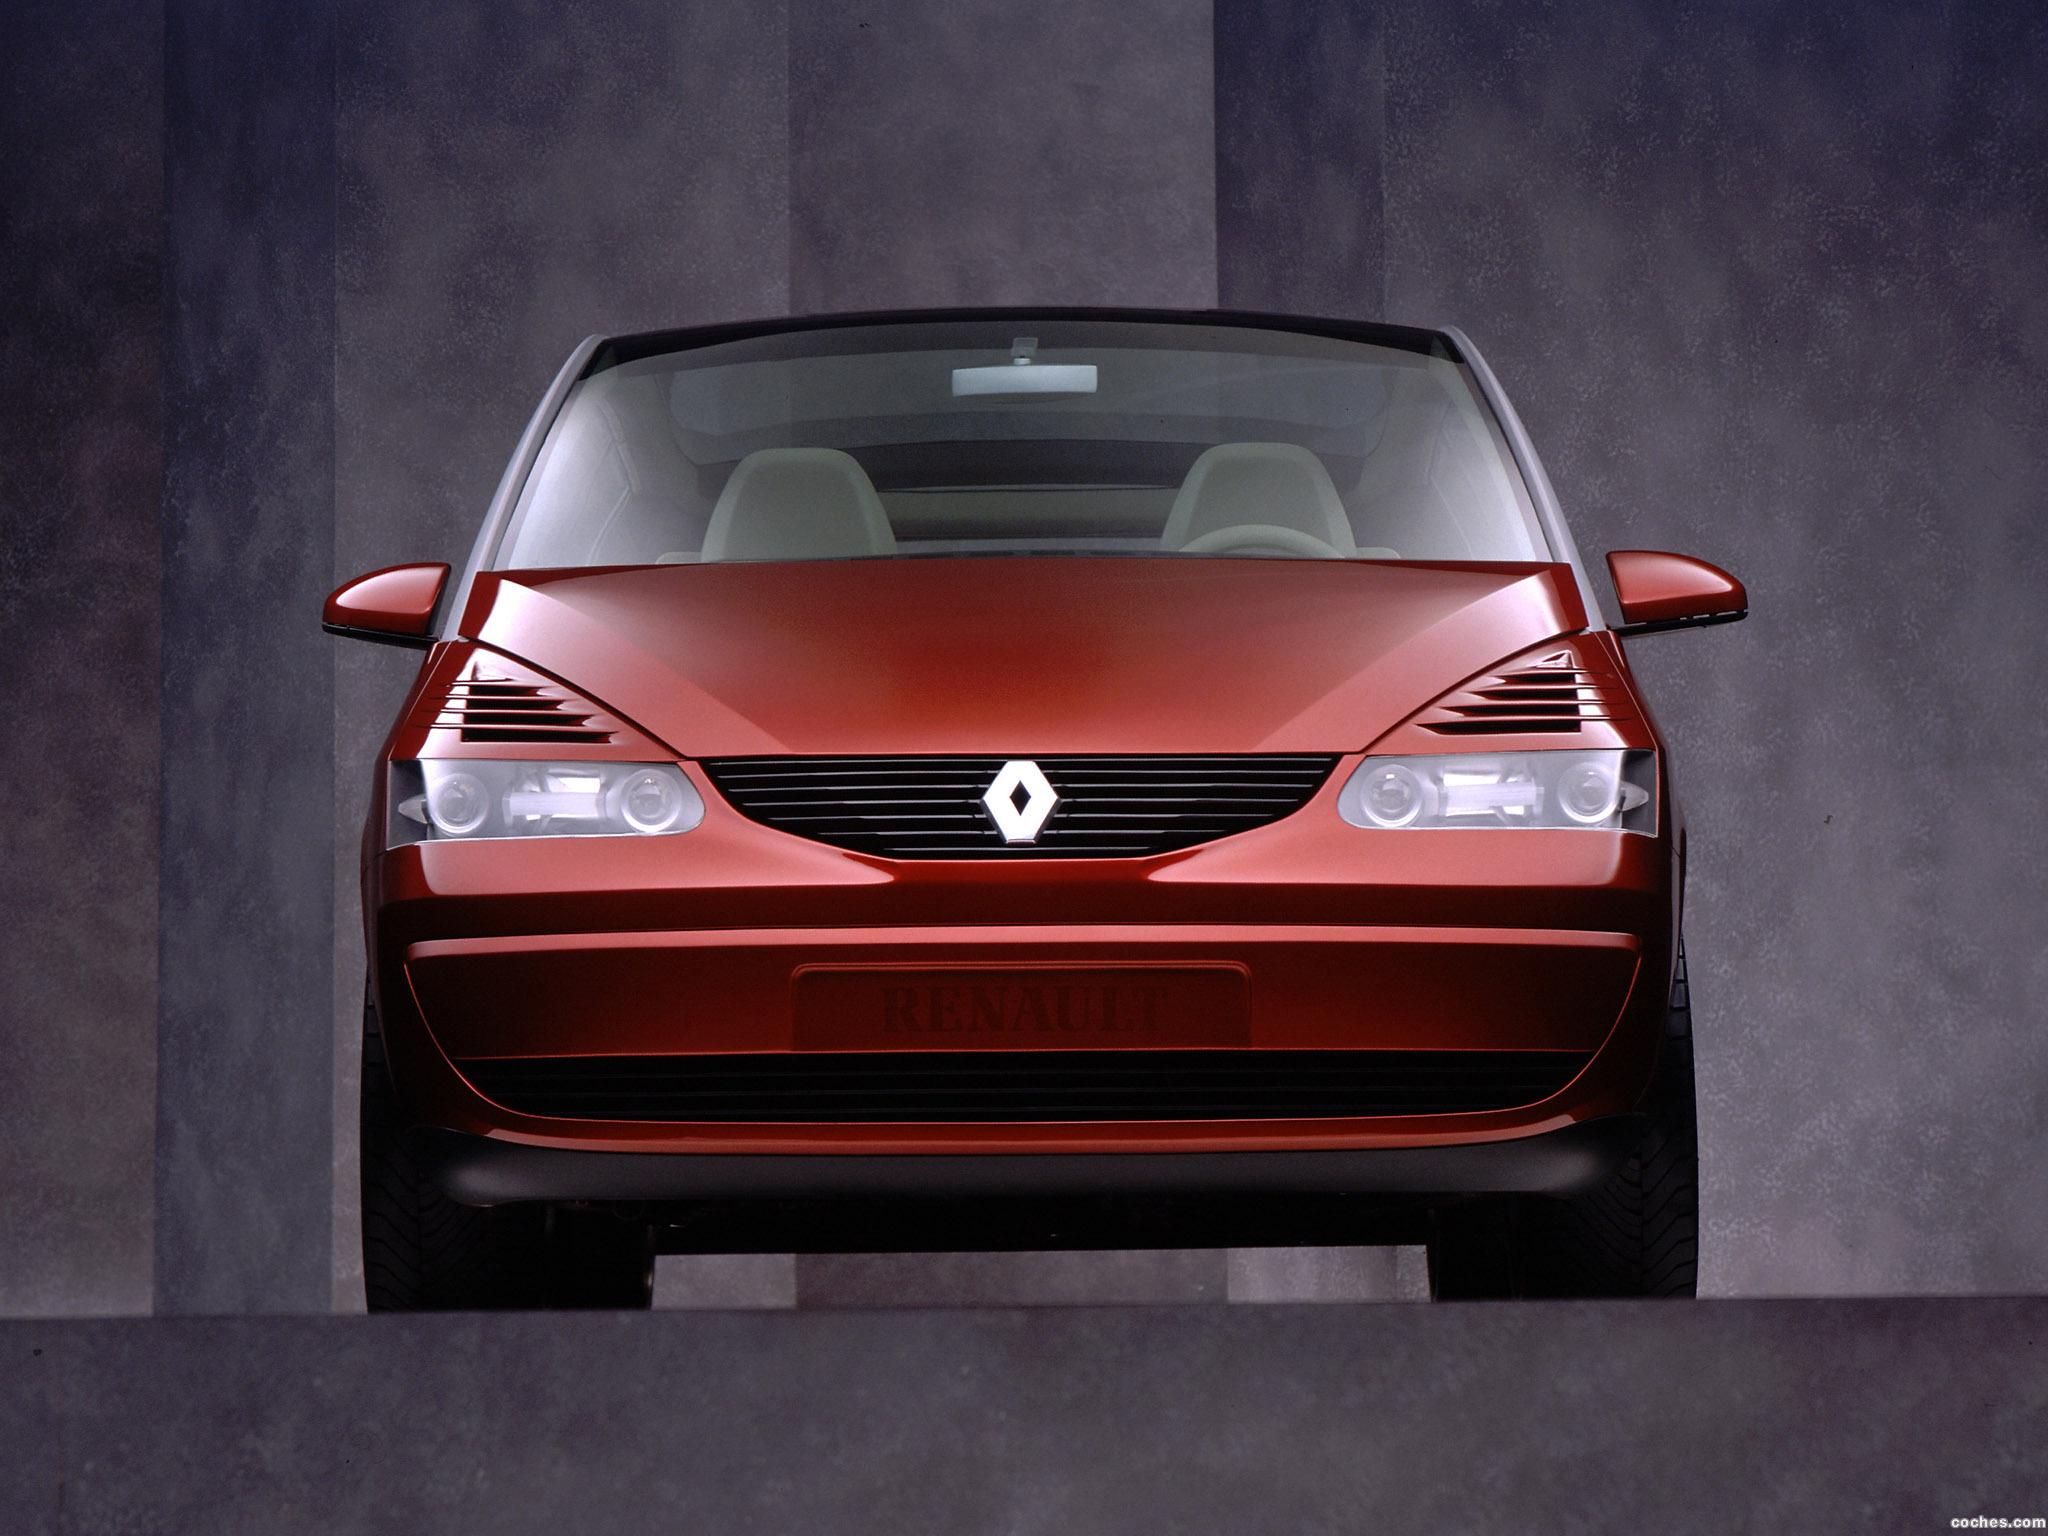 Foto 0 de Renault Avantime Concept 1999